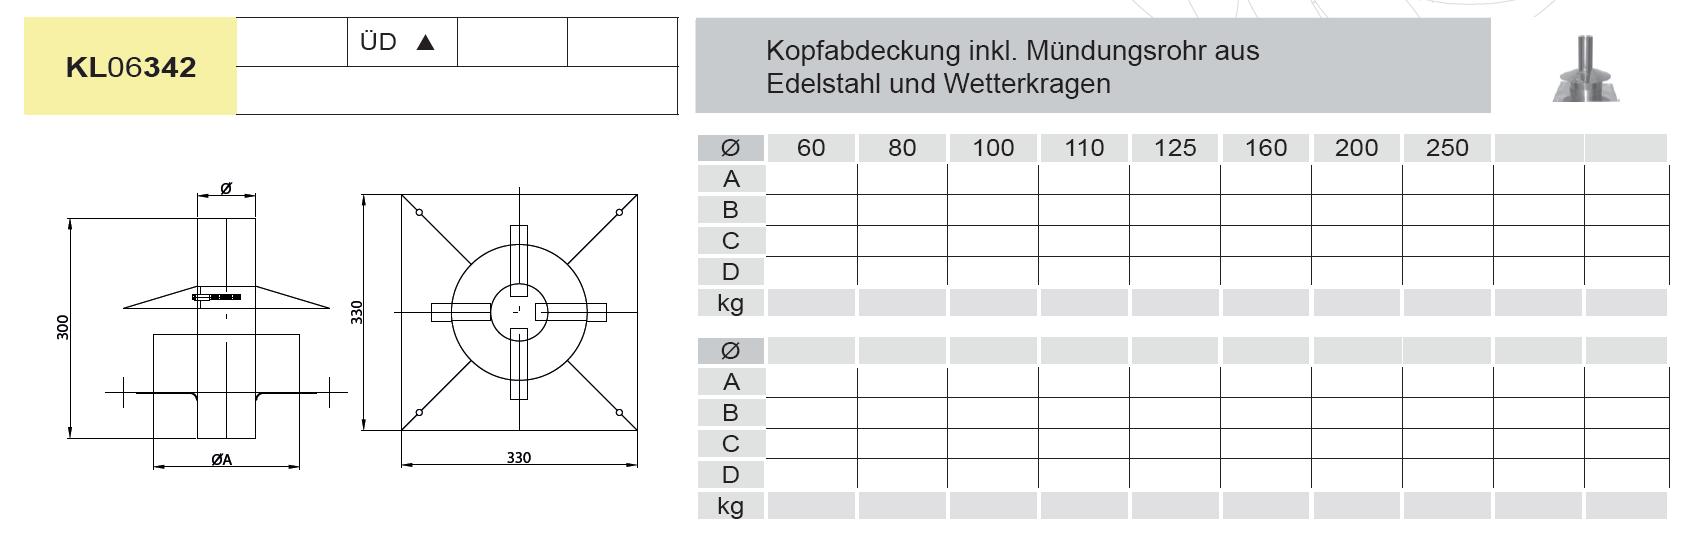 Kopfabdeckung inkl. Mündungsrohr aus Edelstahl und Wetterkragen für Jeremias EW-PPS und EW-PP-FLEX